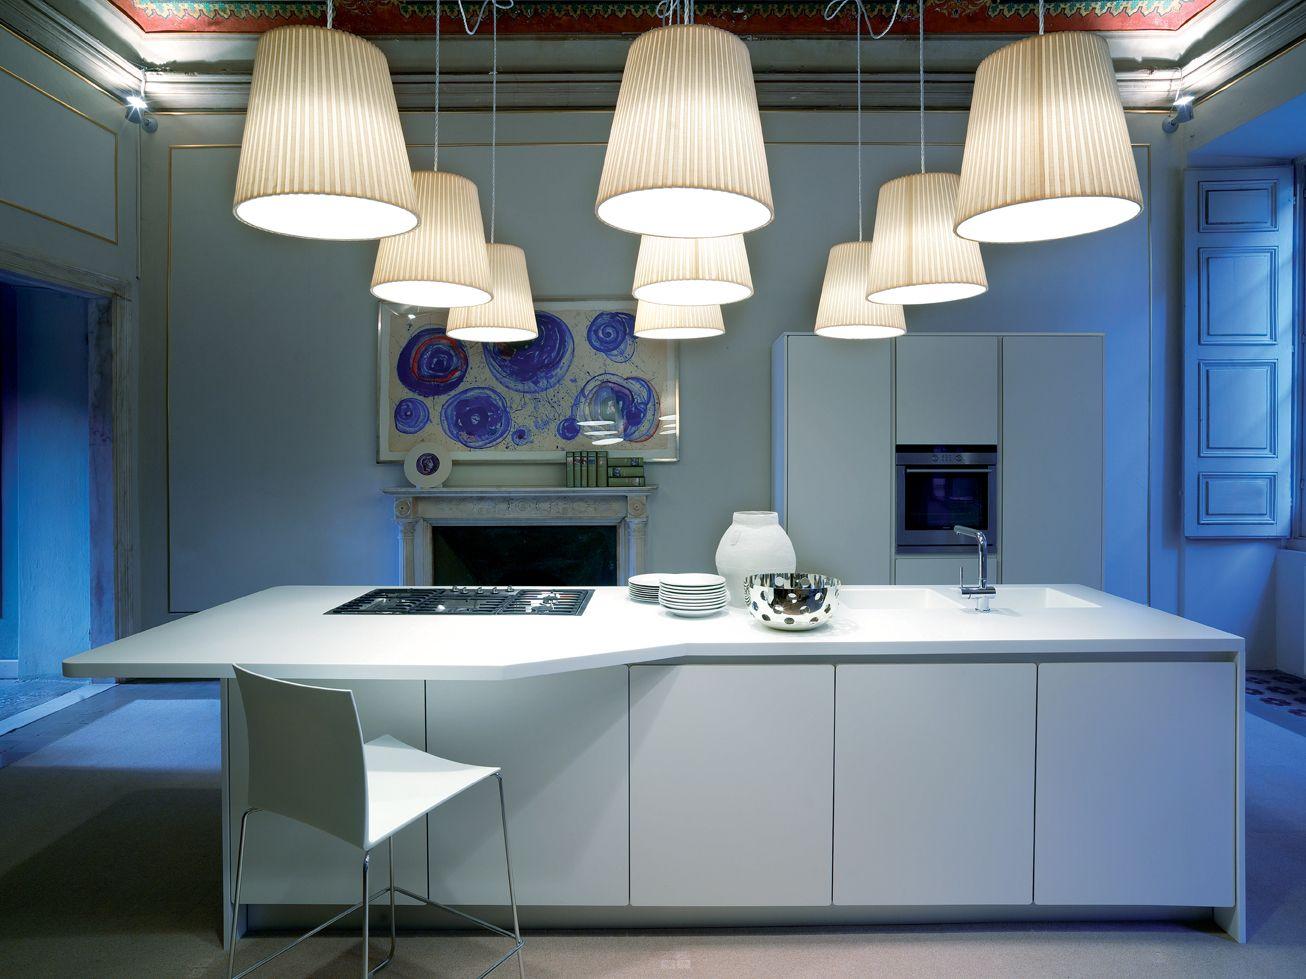 Küchendesign für bungalowhaus kari mobili  kari mobili schiffini  cose da comprare in